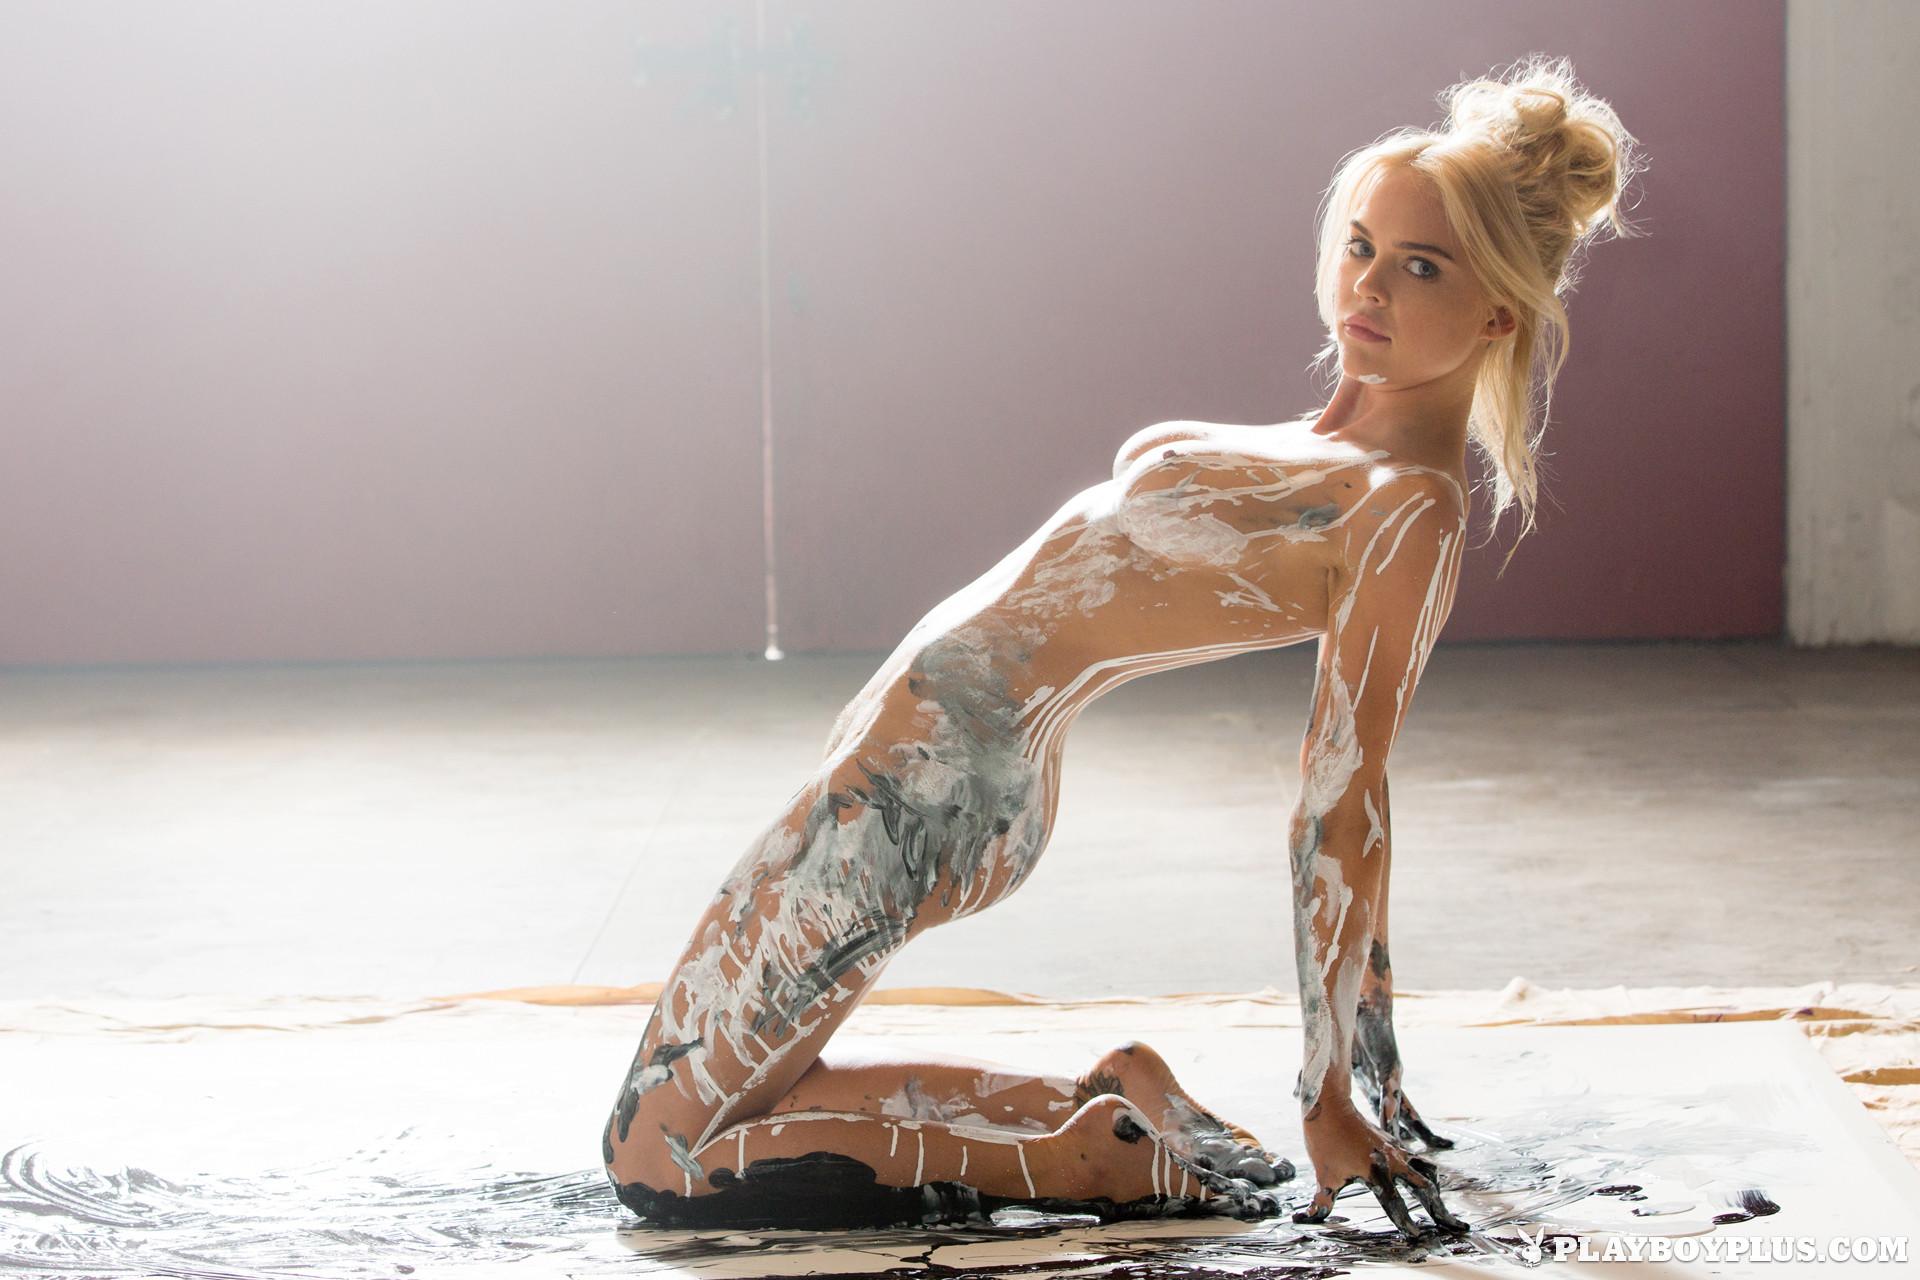 Рэйчел Харрис смотрится очень сексуально, когда ее тело оказывается полностью облитым краской